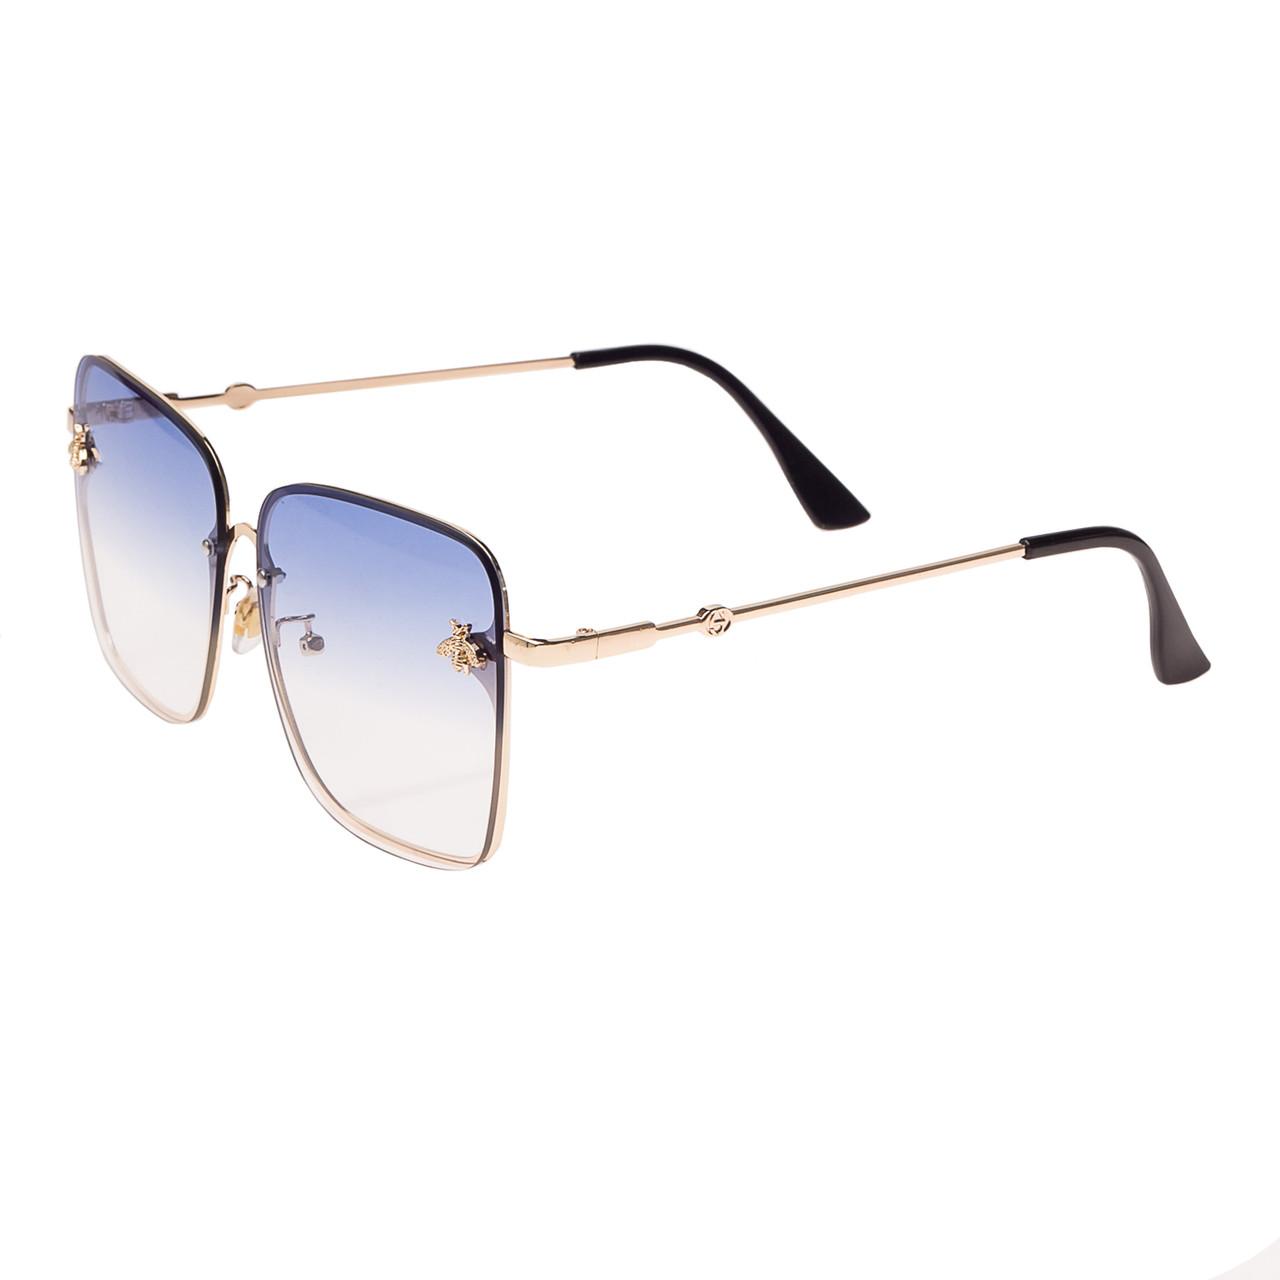 Солнцезащитные очки  Женские цвет Разноцветный      оправа-сплав металлов, линза-поликарбонат ( 1843 С4 )